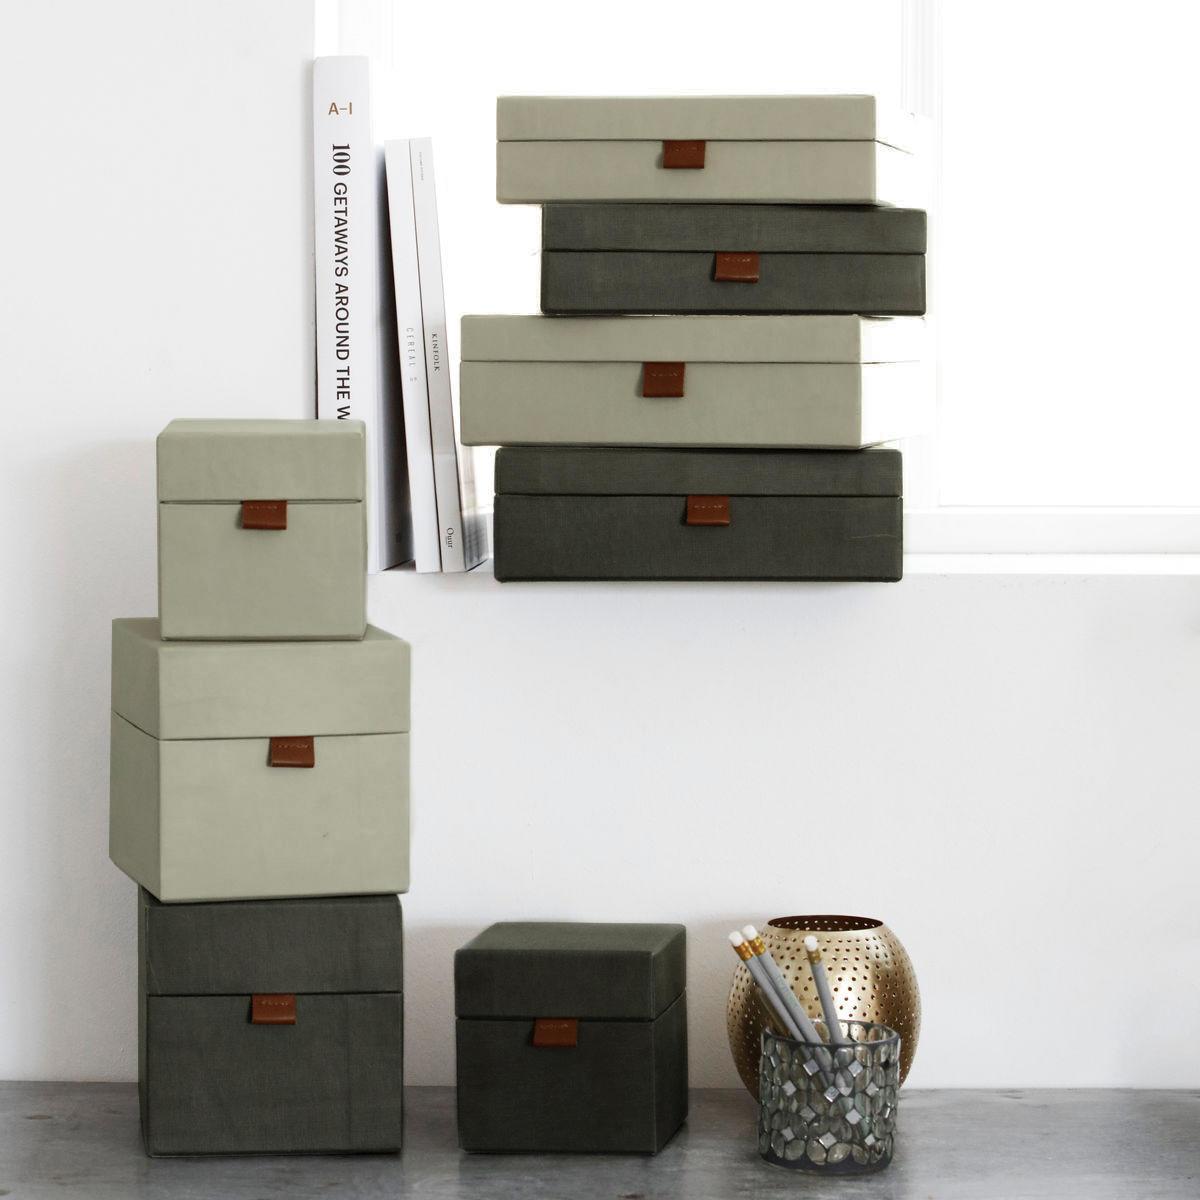 MONOGRAPH Úložný box na dokumenty Dark grey/Beige Béžový - menší, béžová barva, šedá barva, papír